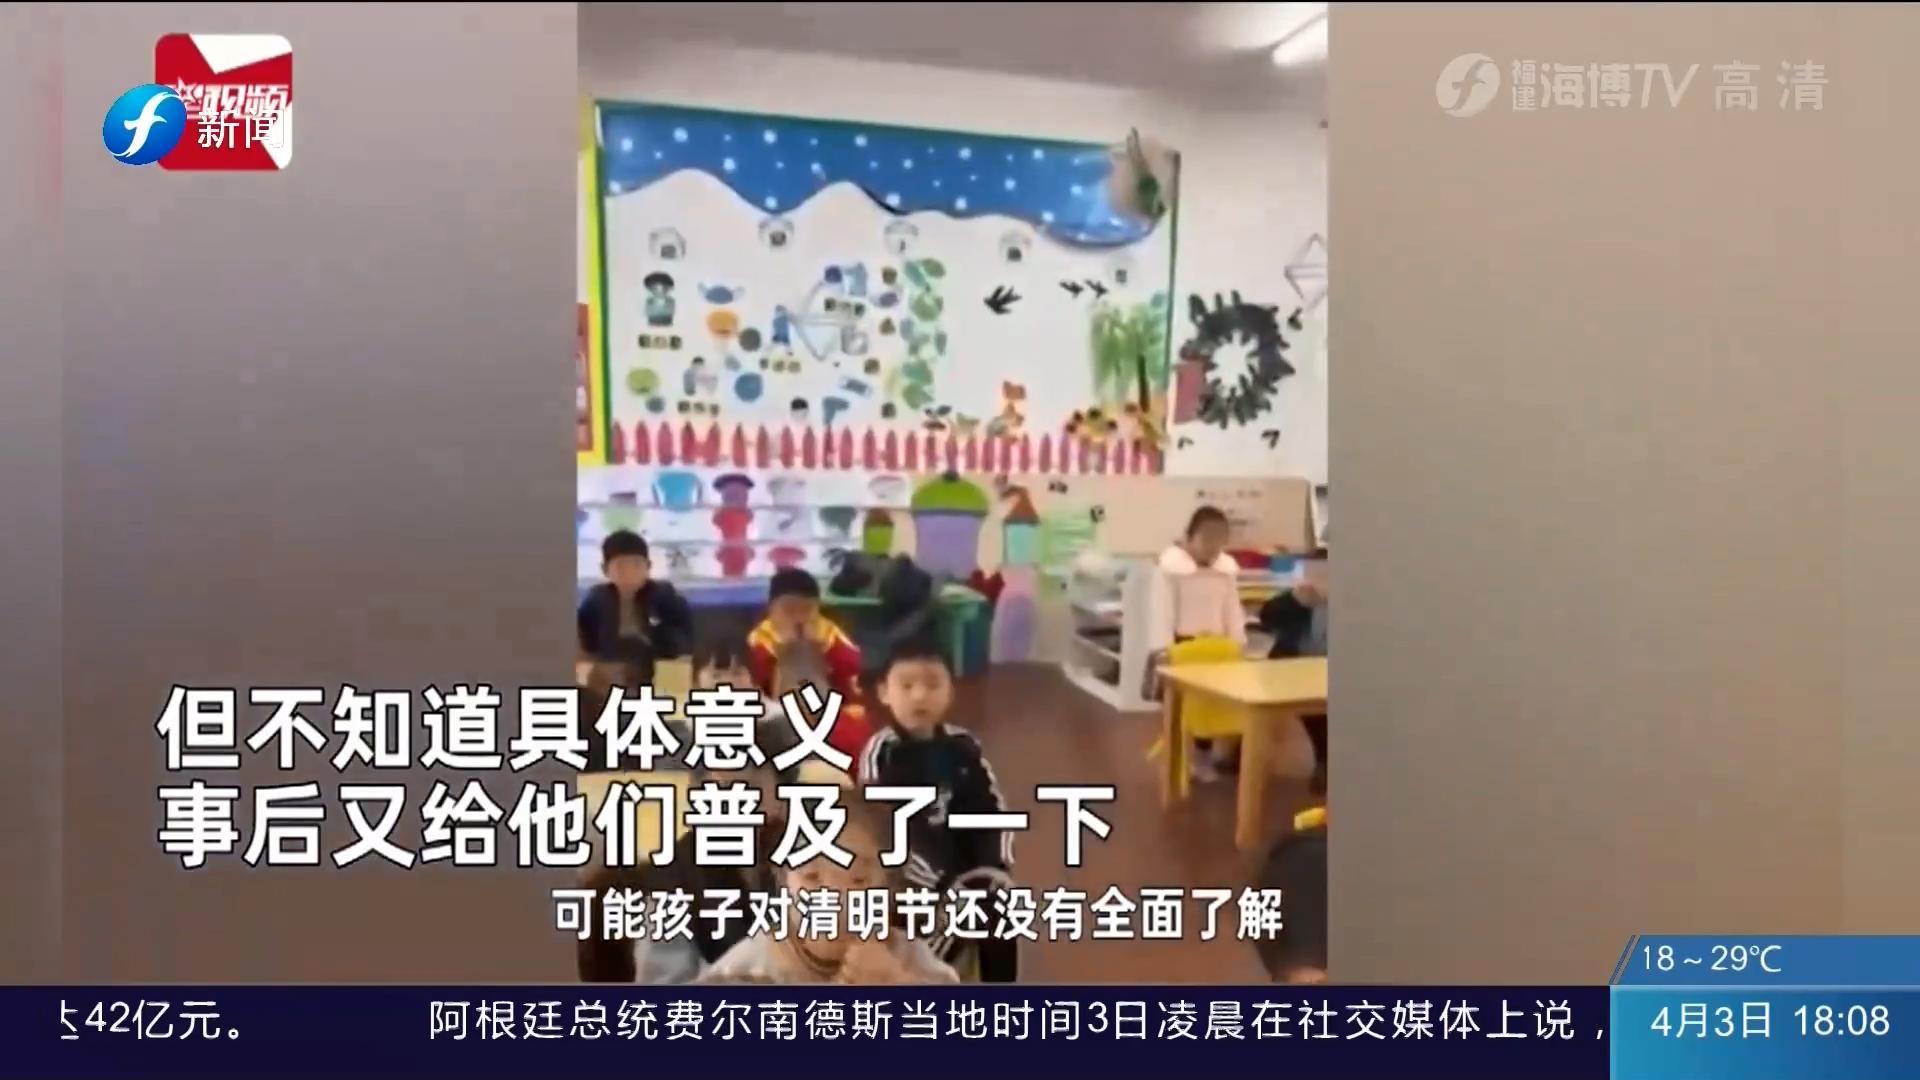 幼儿园小朋友清明节采花送老师?!老师:要给孩子讲述清明节的意义